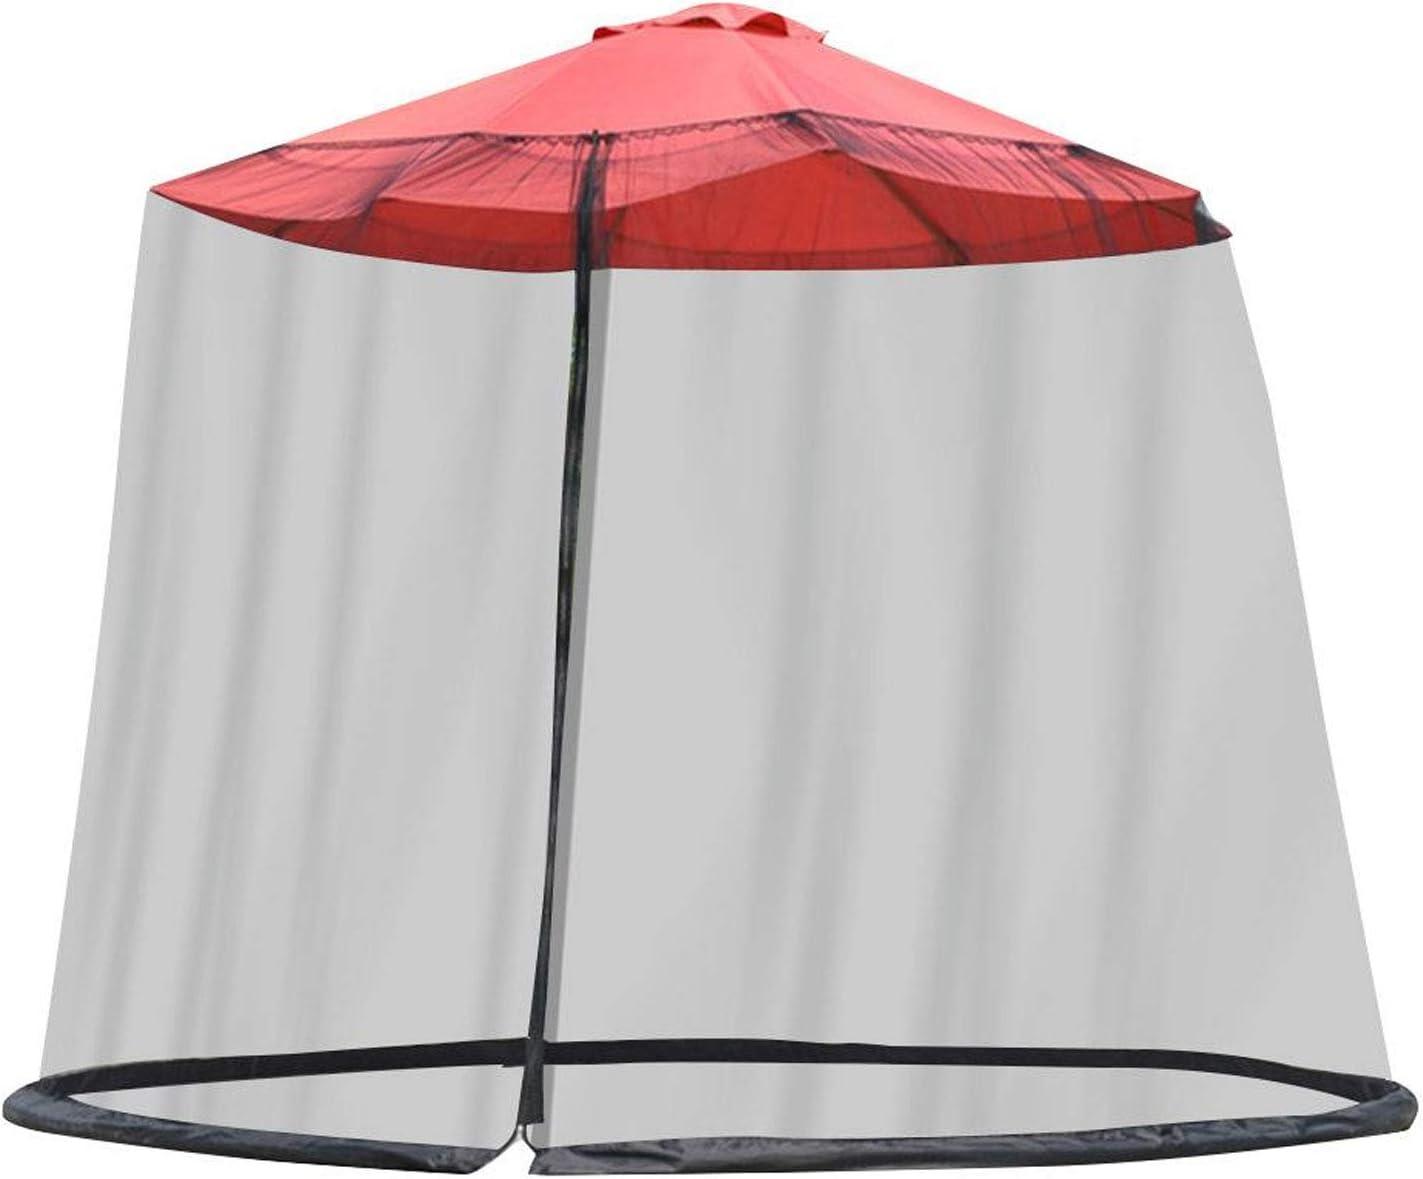 Red de sombrillas, Pantalla de cubierta de red de paraguas, Parasol Mosquitera Cubierta de red para insectos, Sombrilla de red para mesa, jardín, cenador, balcón, antiinsectos, 300x230cm (negro)